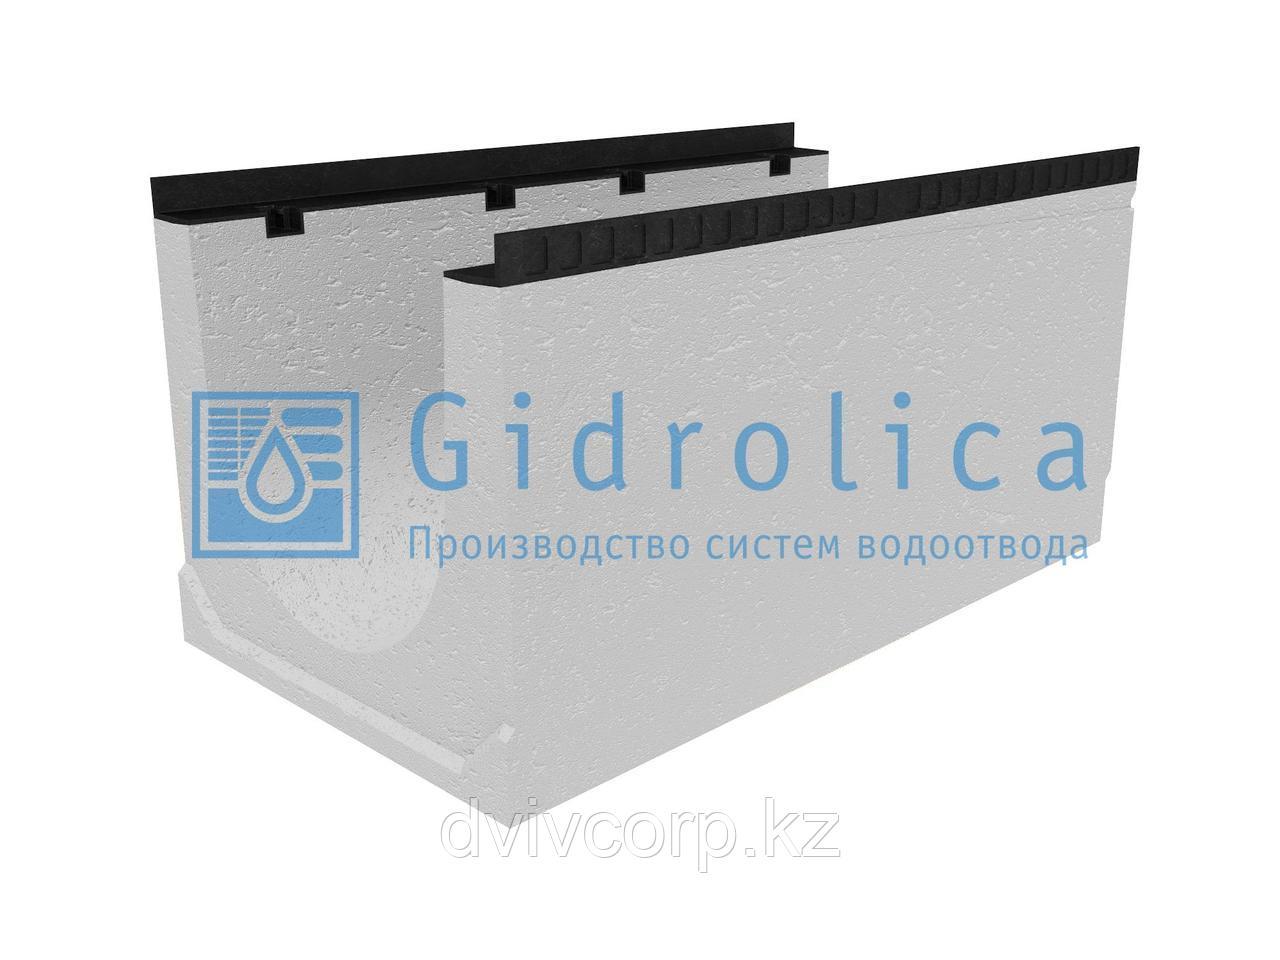 Лоток водоотводный бетонный коробчатый (СО-400мм), с уклоном 0,5%  КUу 100.54(40).51,5(43,5) - BGМ, № 13